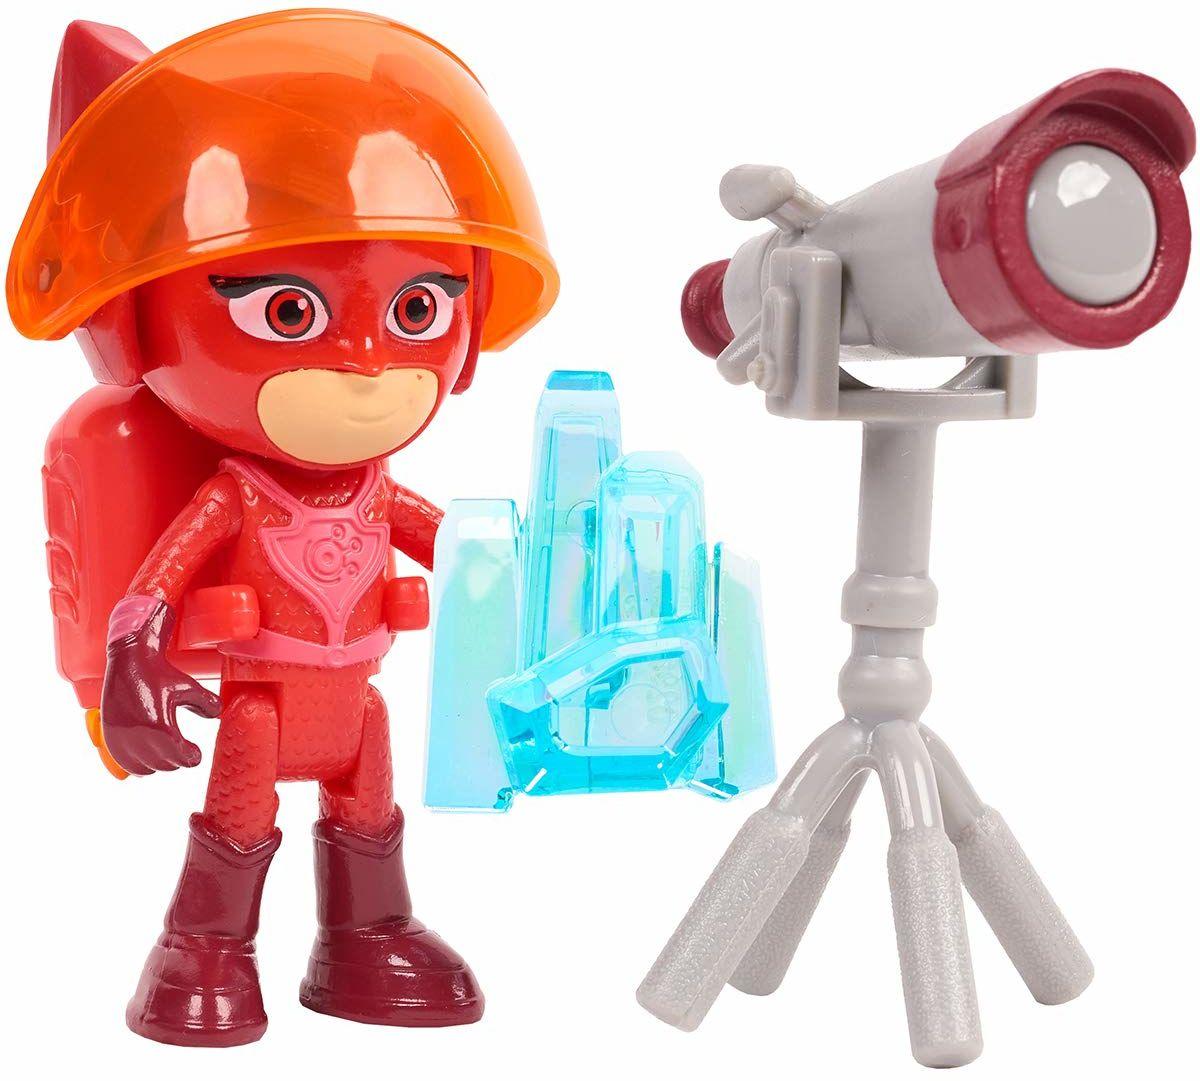 Simba 109402363 - PJ Masks figurka do zabawy sulette / pidżama bohater / figurka akcji / ruchome / akcesoria ze światłem / 8 cm wielkości, dla dzieci od 3 lat